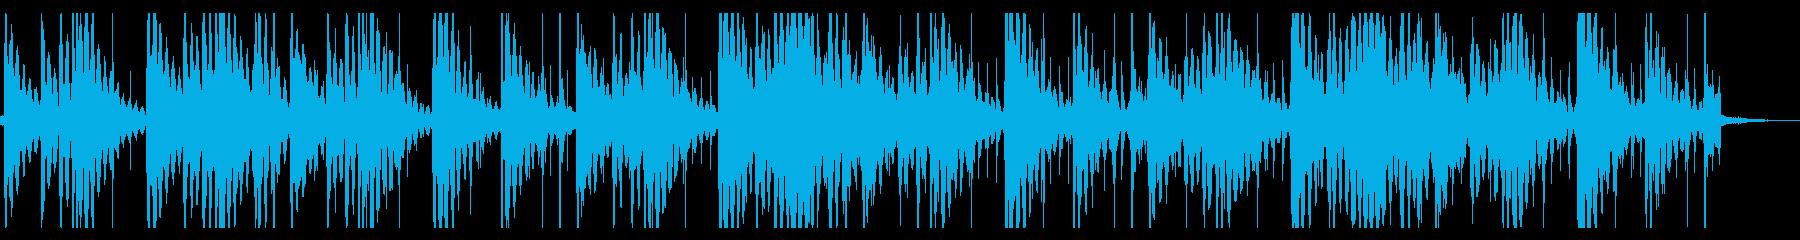 寂しいローファイヒップホップ_391_2の再生済みの波形